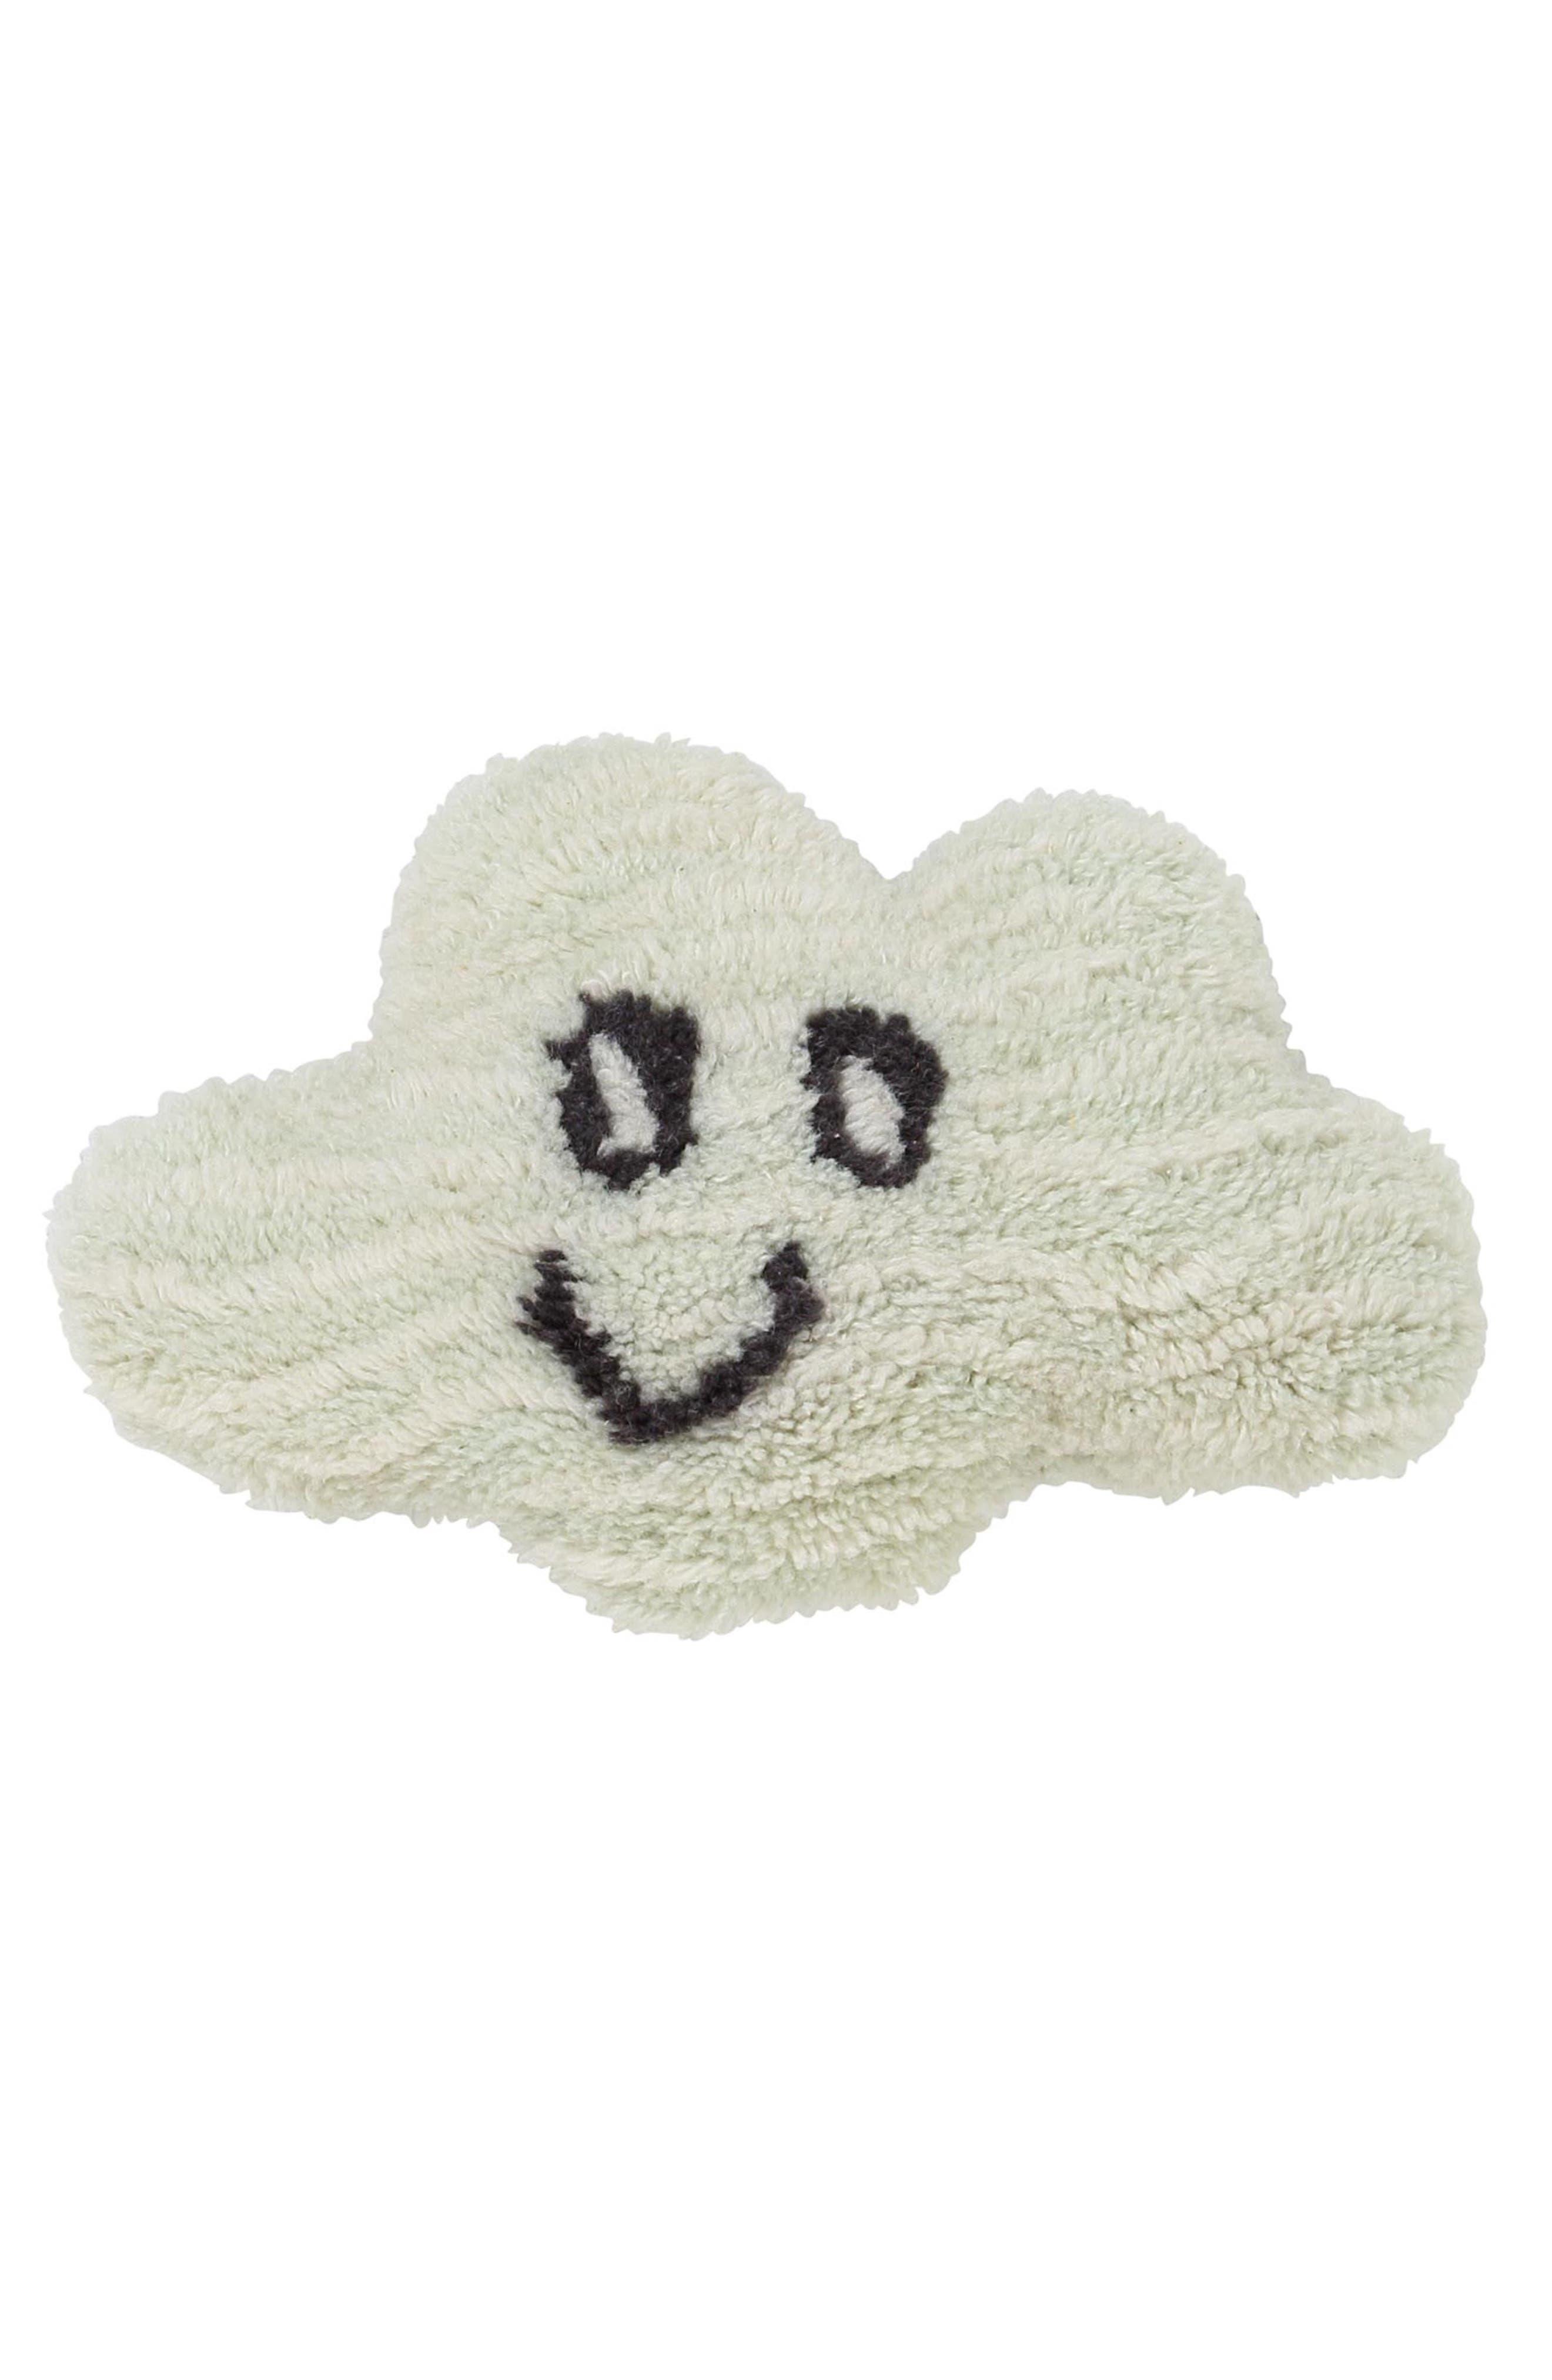 Nimbus Cloud Cushion Wool Pillow,                         Main,                         color, 020